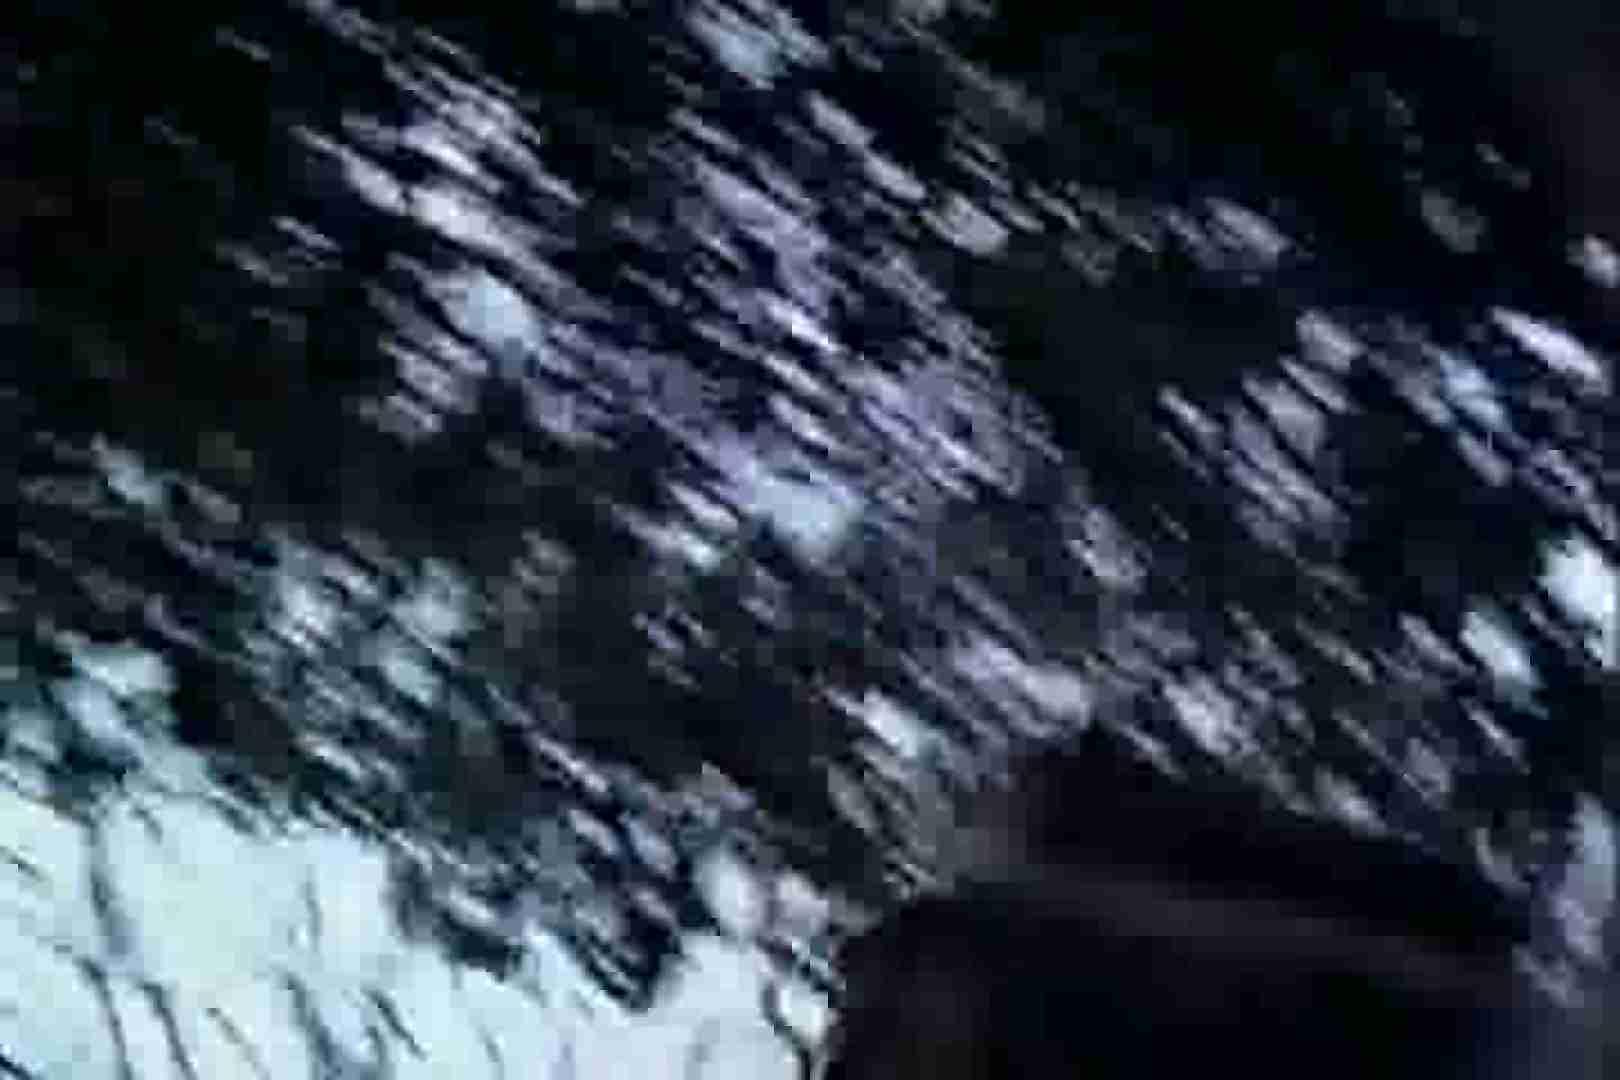 投稿盗撮 女子の下着の考察TK-043 制服  57画像 40